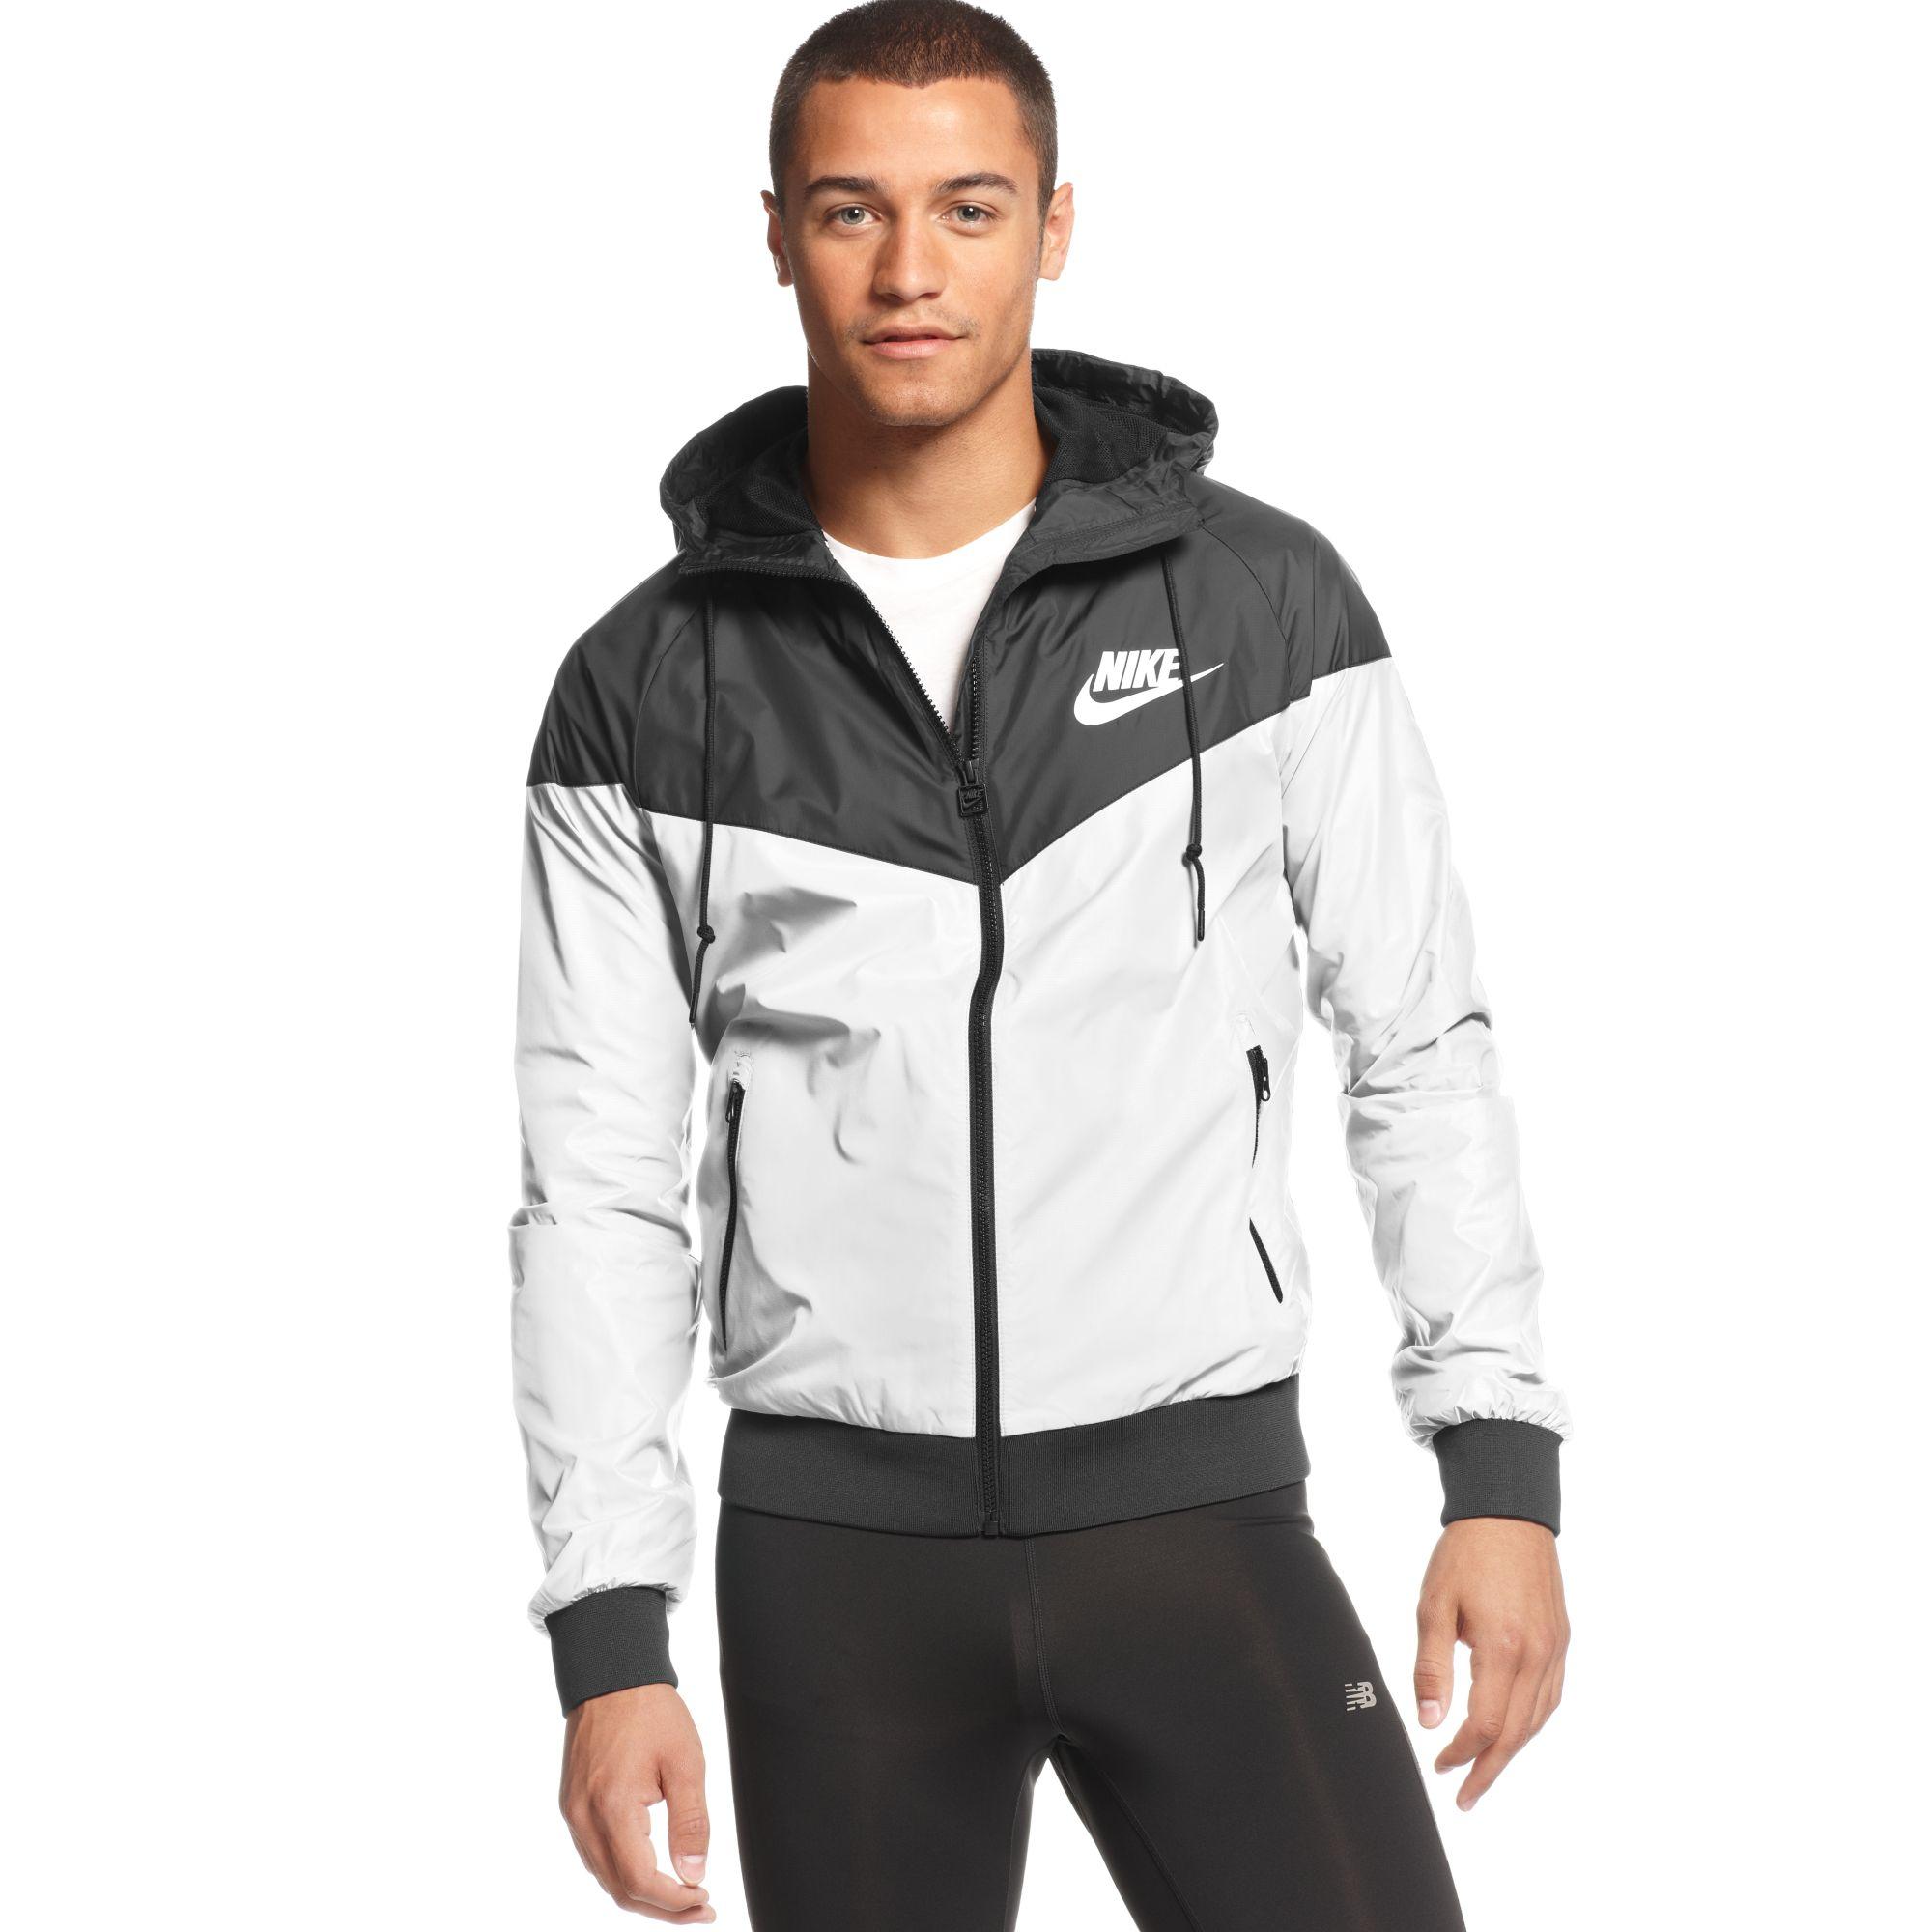 d869dbe73 Nike Wind Runner Hooded Jacket in White for Men - Lyst